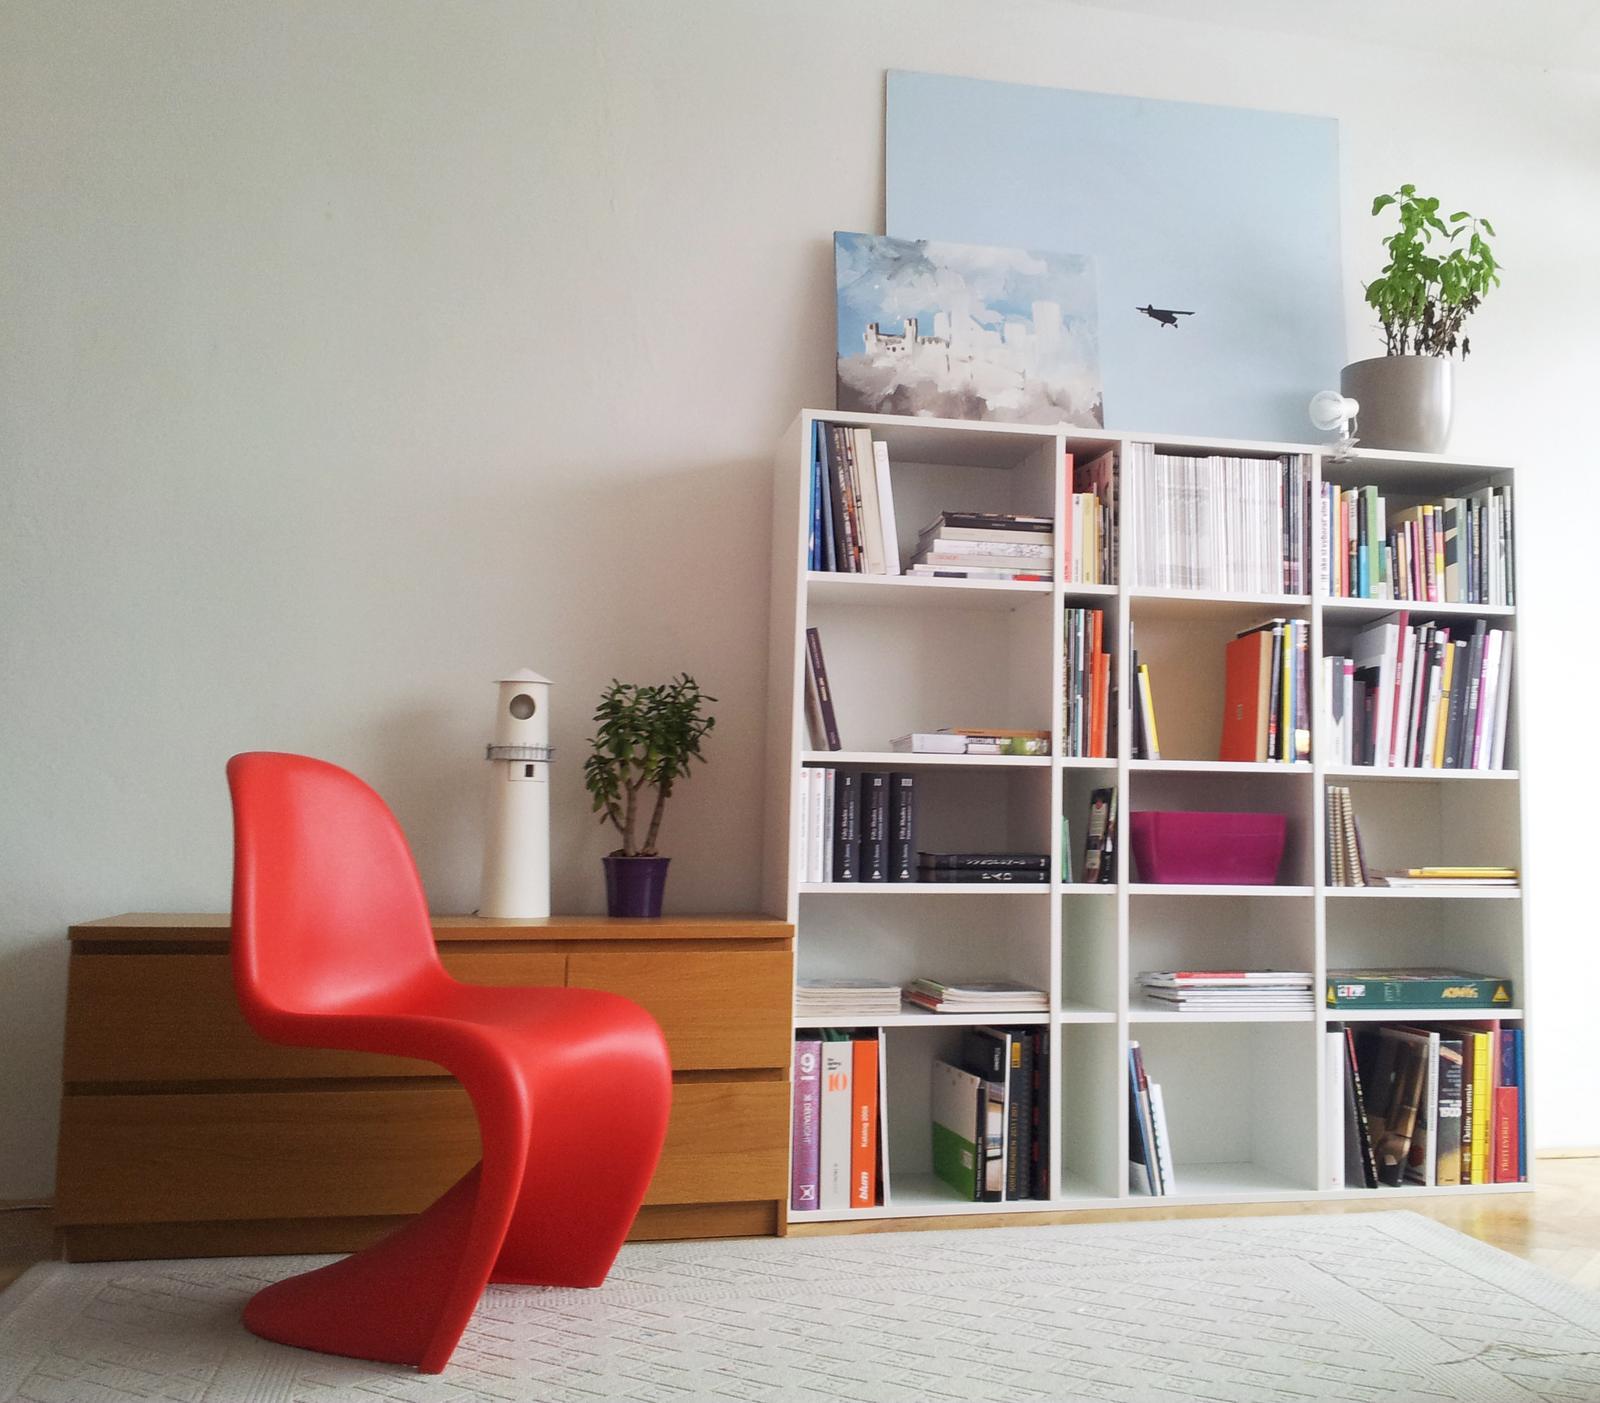 Dizajn a výroba nábytku na mieru Cubica - Knižnica - biela matná - dizajn a výroba cubica